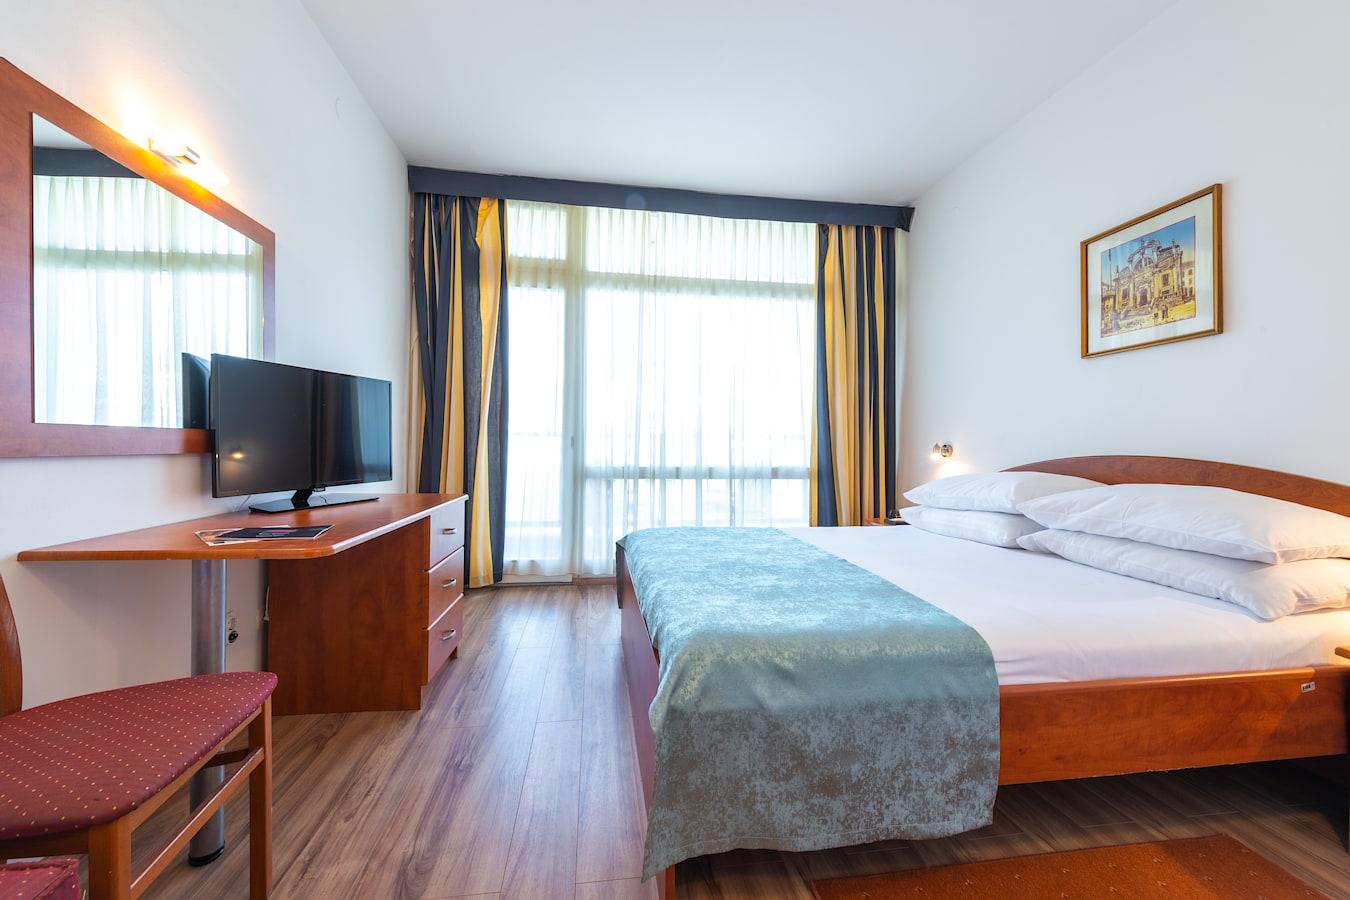 vis-hotel-dubrovnik-double-room-room-plan_1.jpg